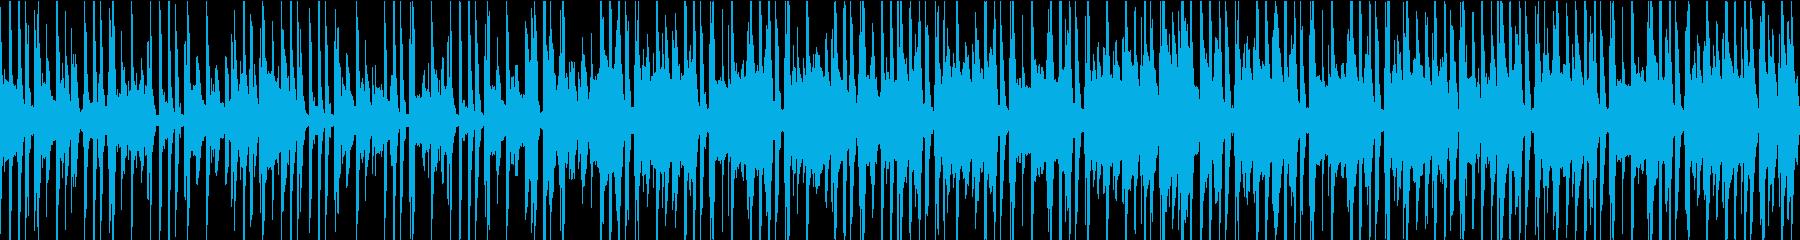 サラサラ ジャズ ファンク Hip...の再生済みの波形